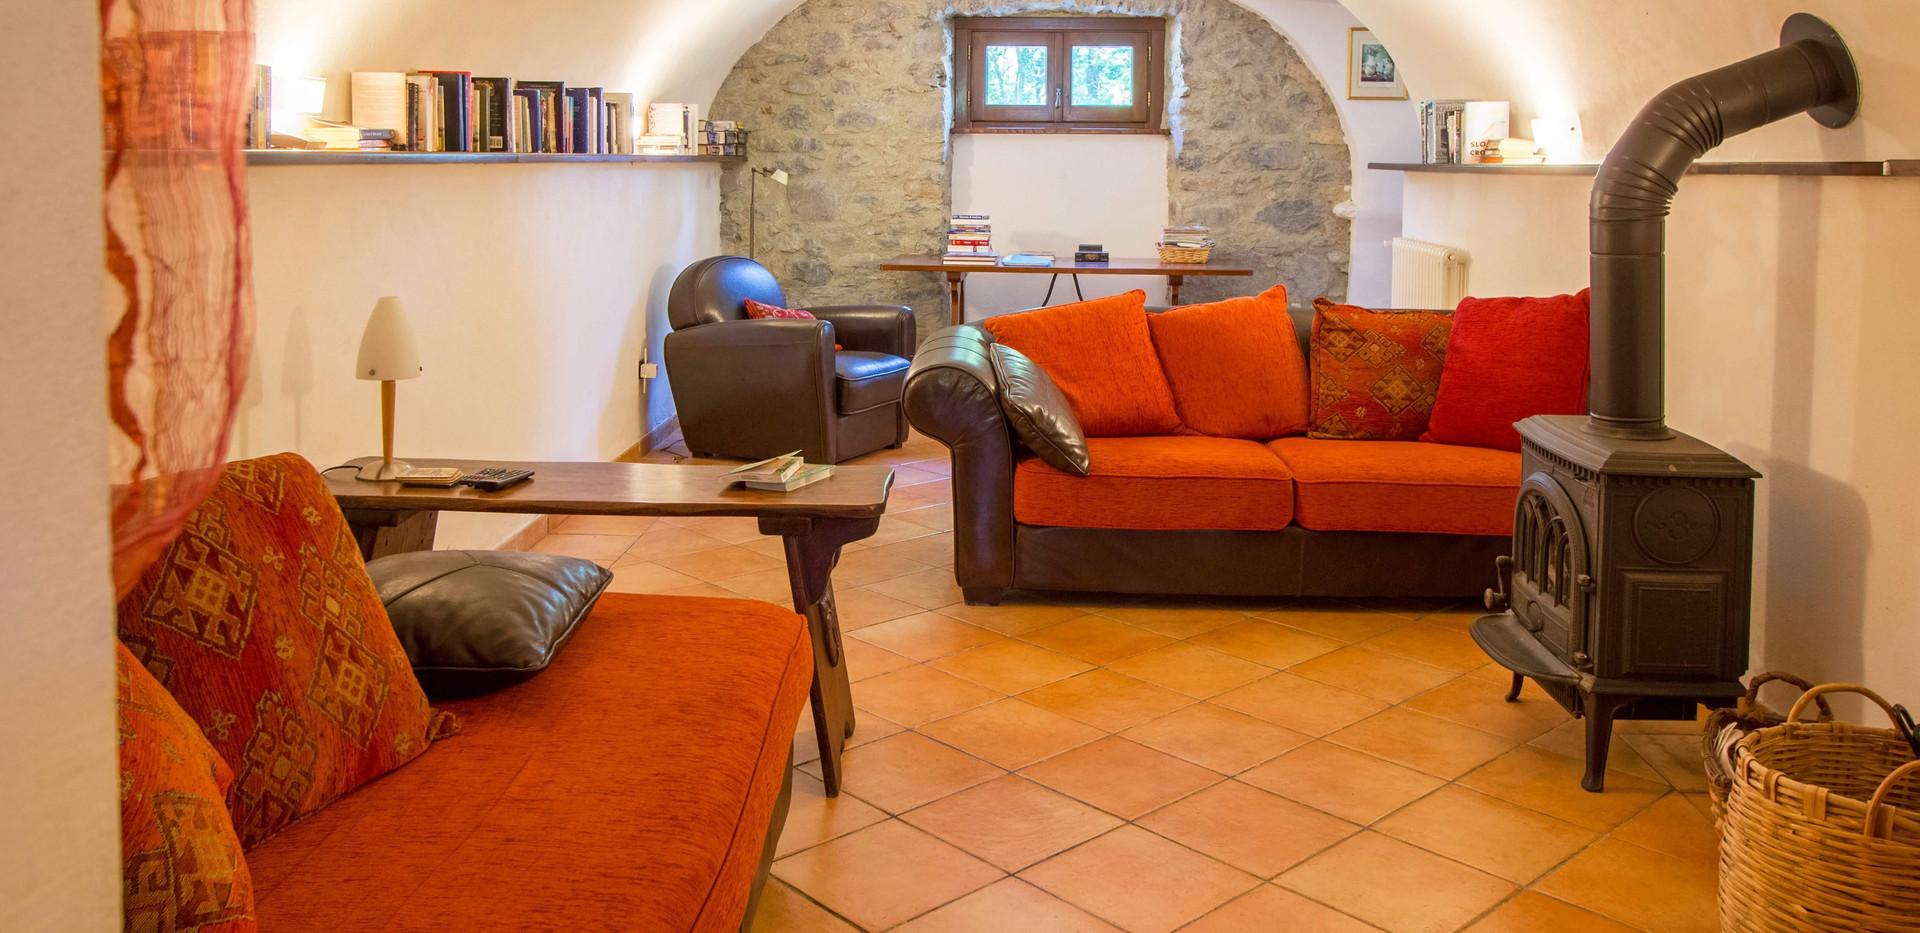 Living room House 2 2.jpg